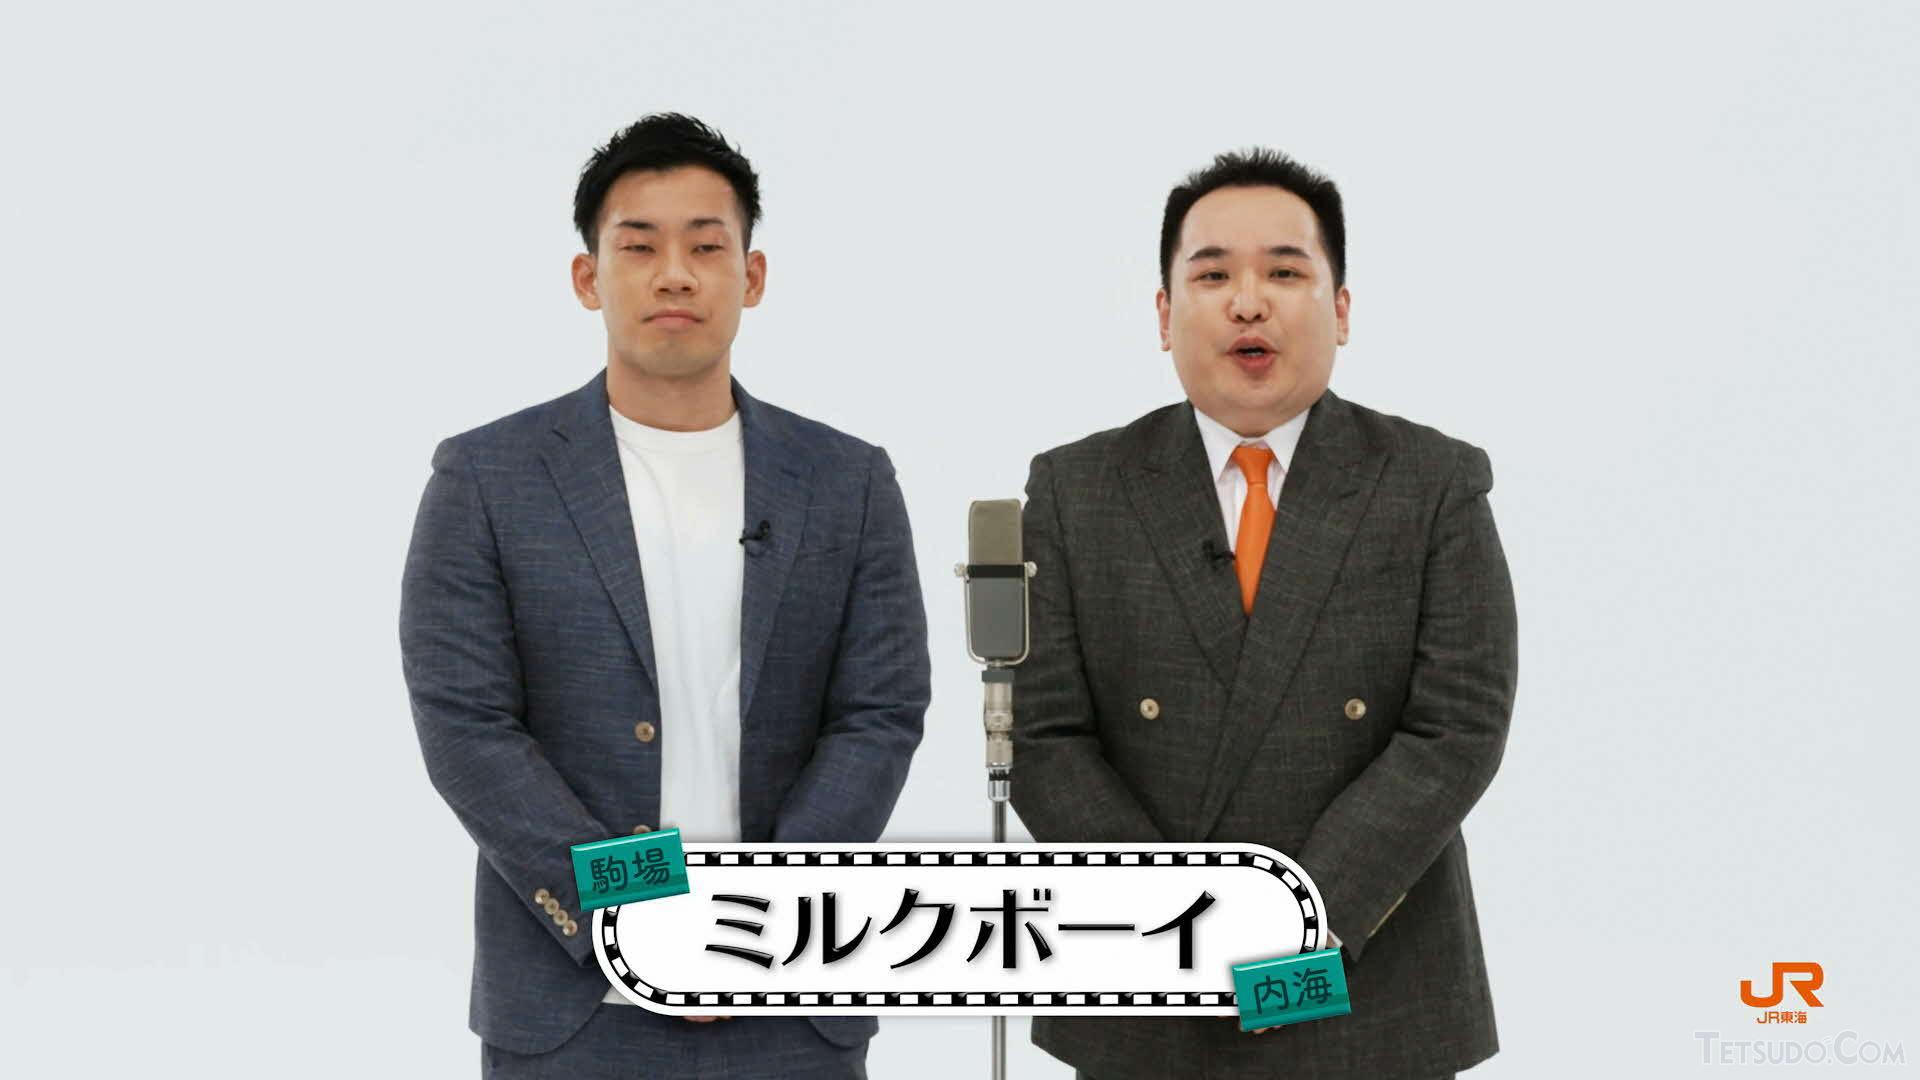 人気漫才コンビ「ミルクボーイ」(画像:JR東海)